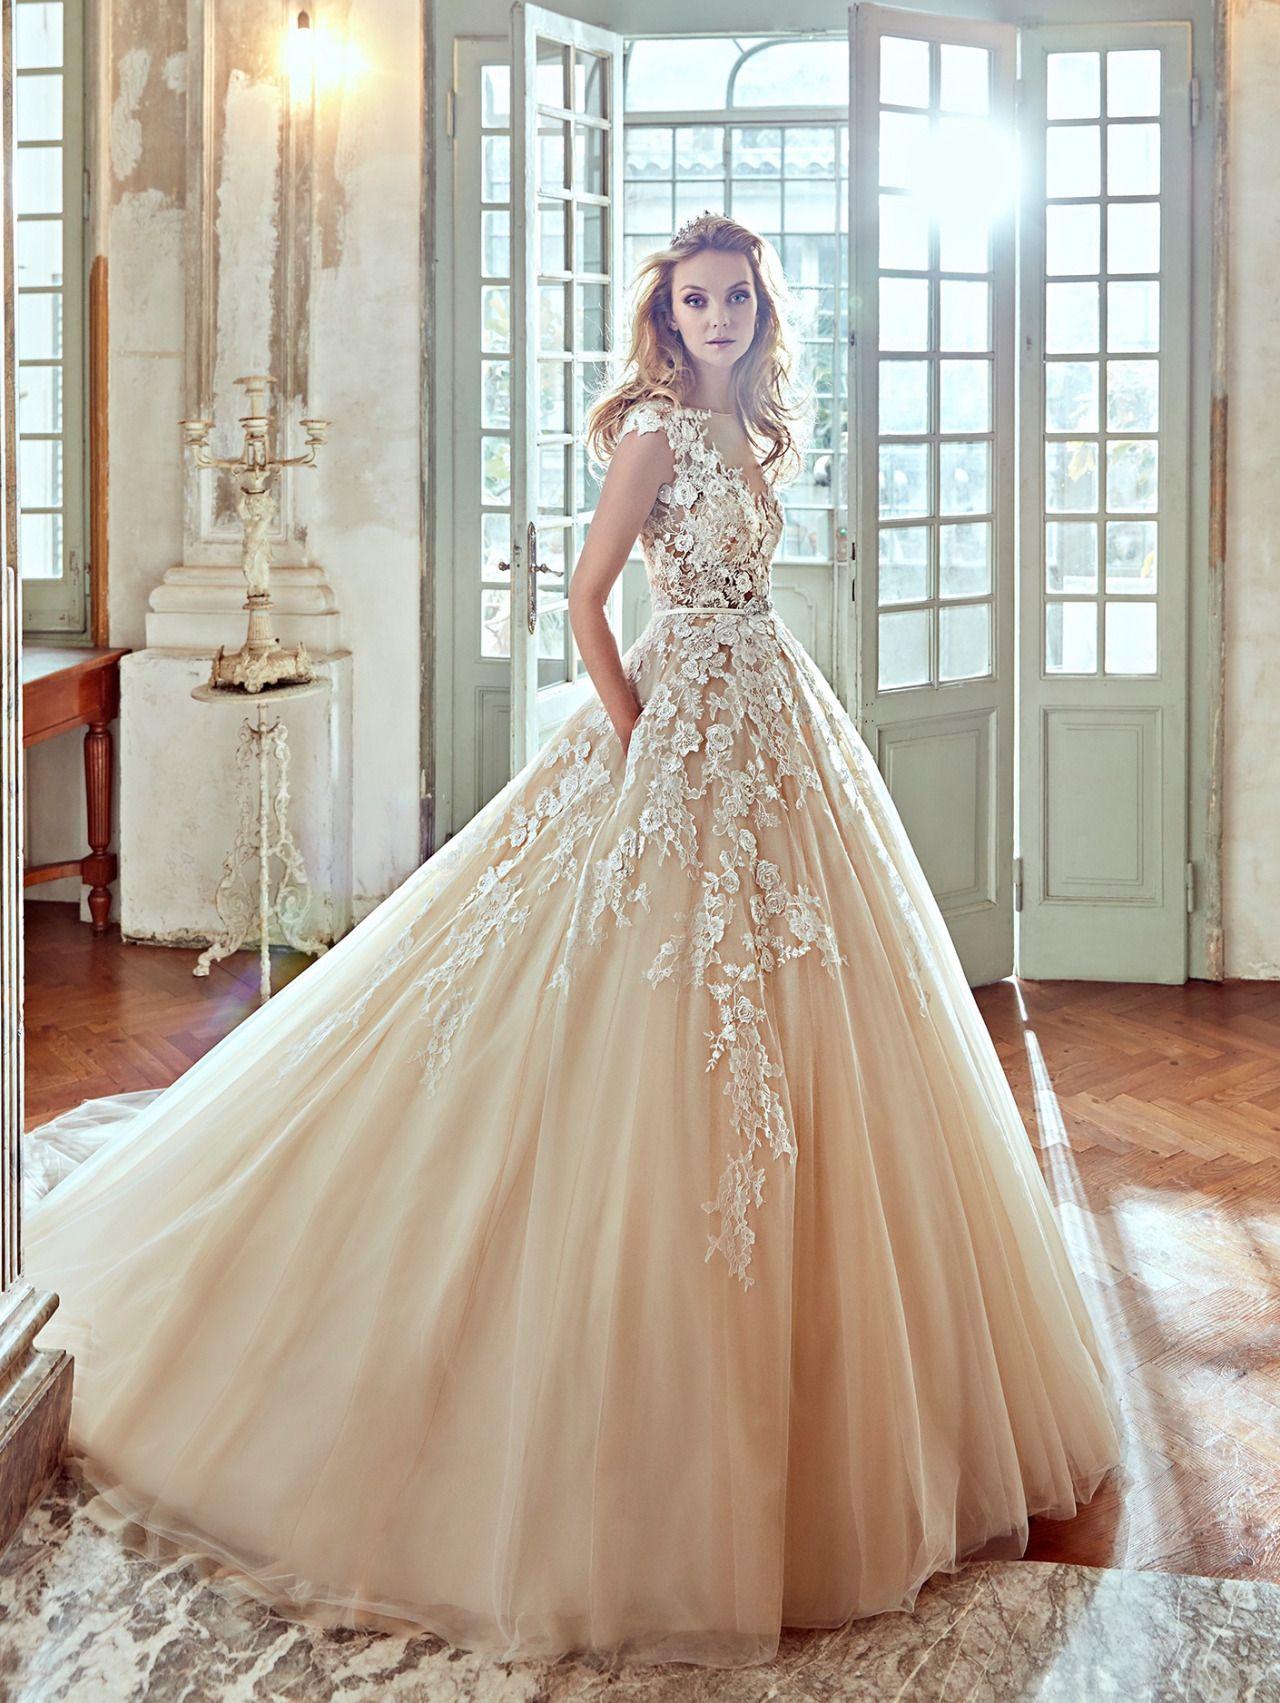 lace-gown   Tumblr   vestidos de novia   Pinterest   Gowns, Wedding ...